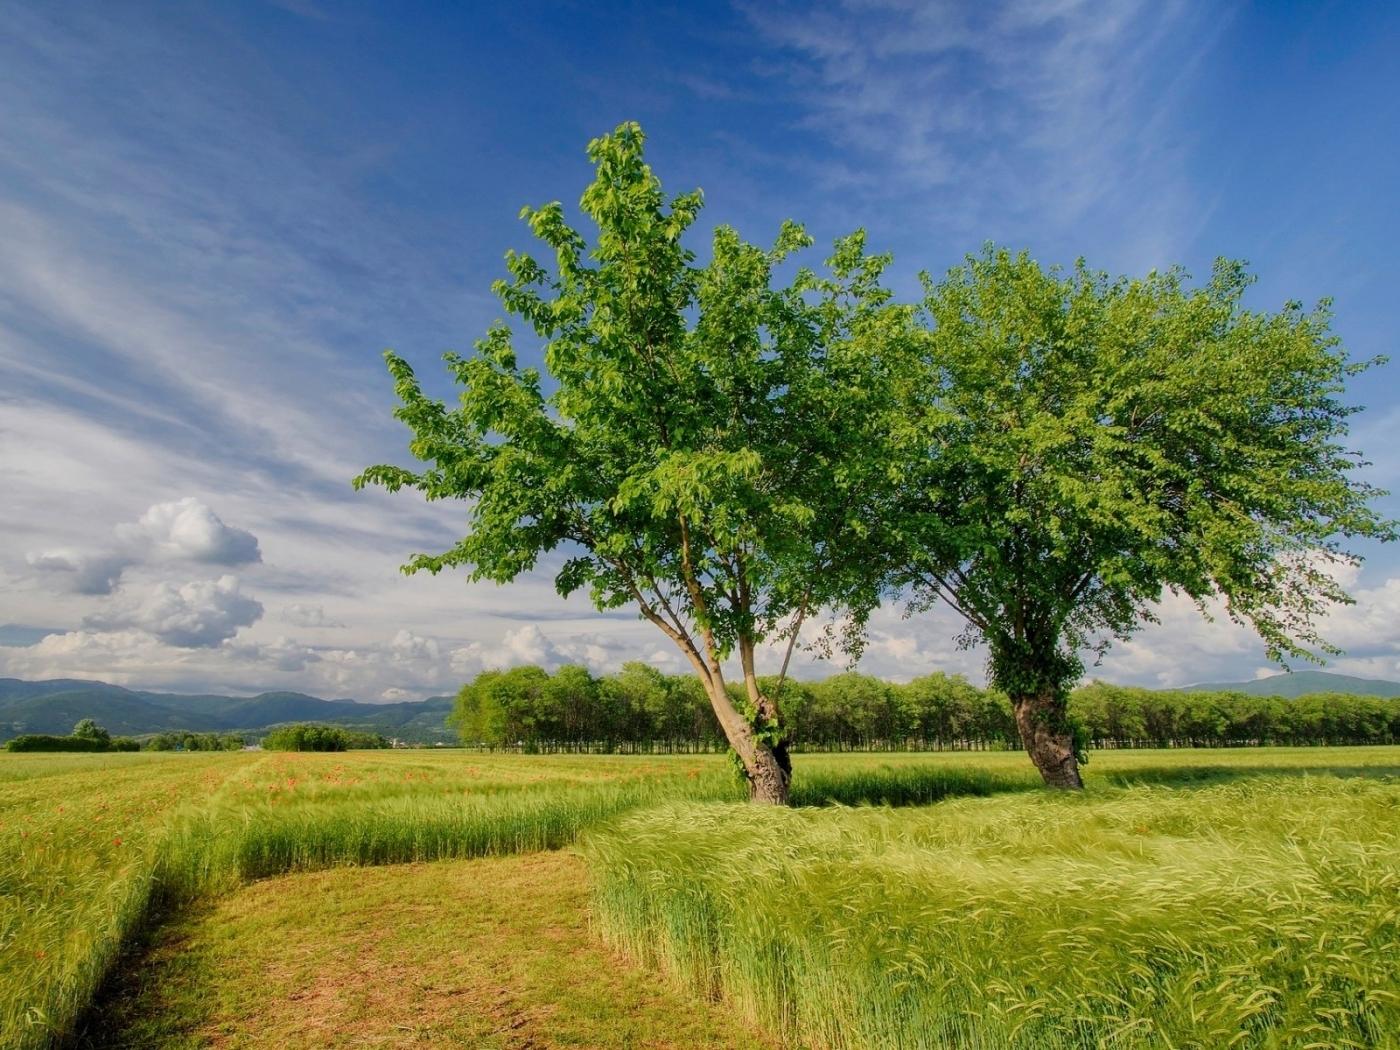 40795 скачать обои Пейзаж, Деревья, Поля - заставки и картинки бесплатно